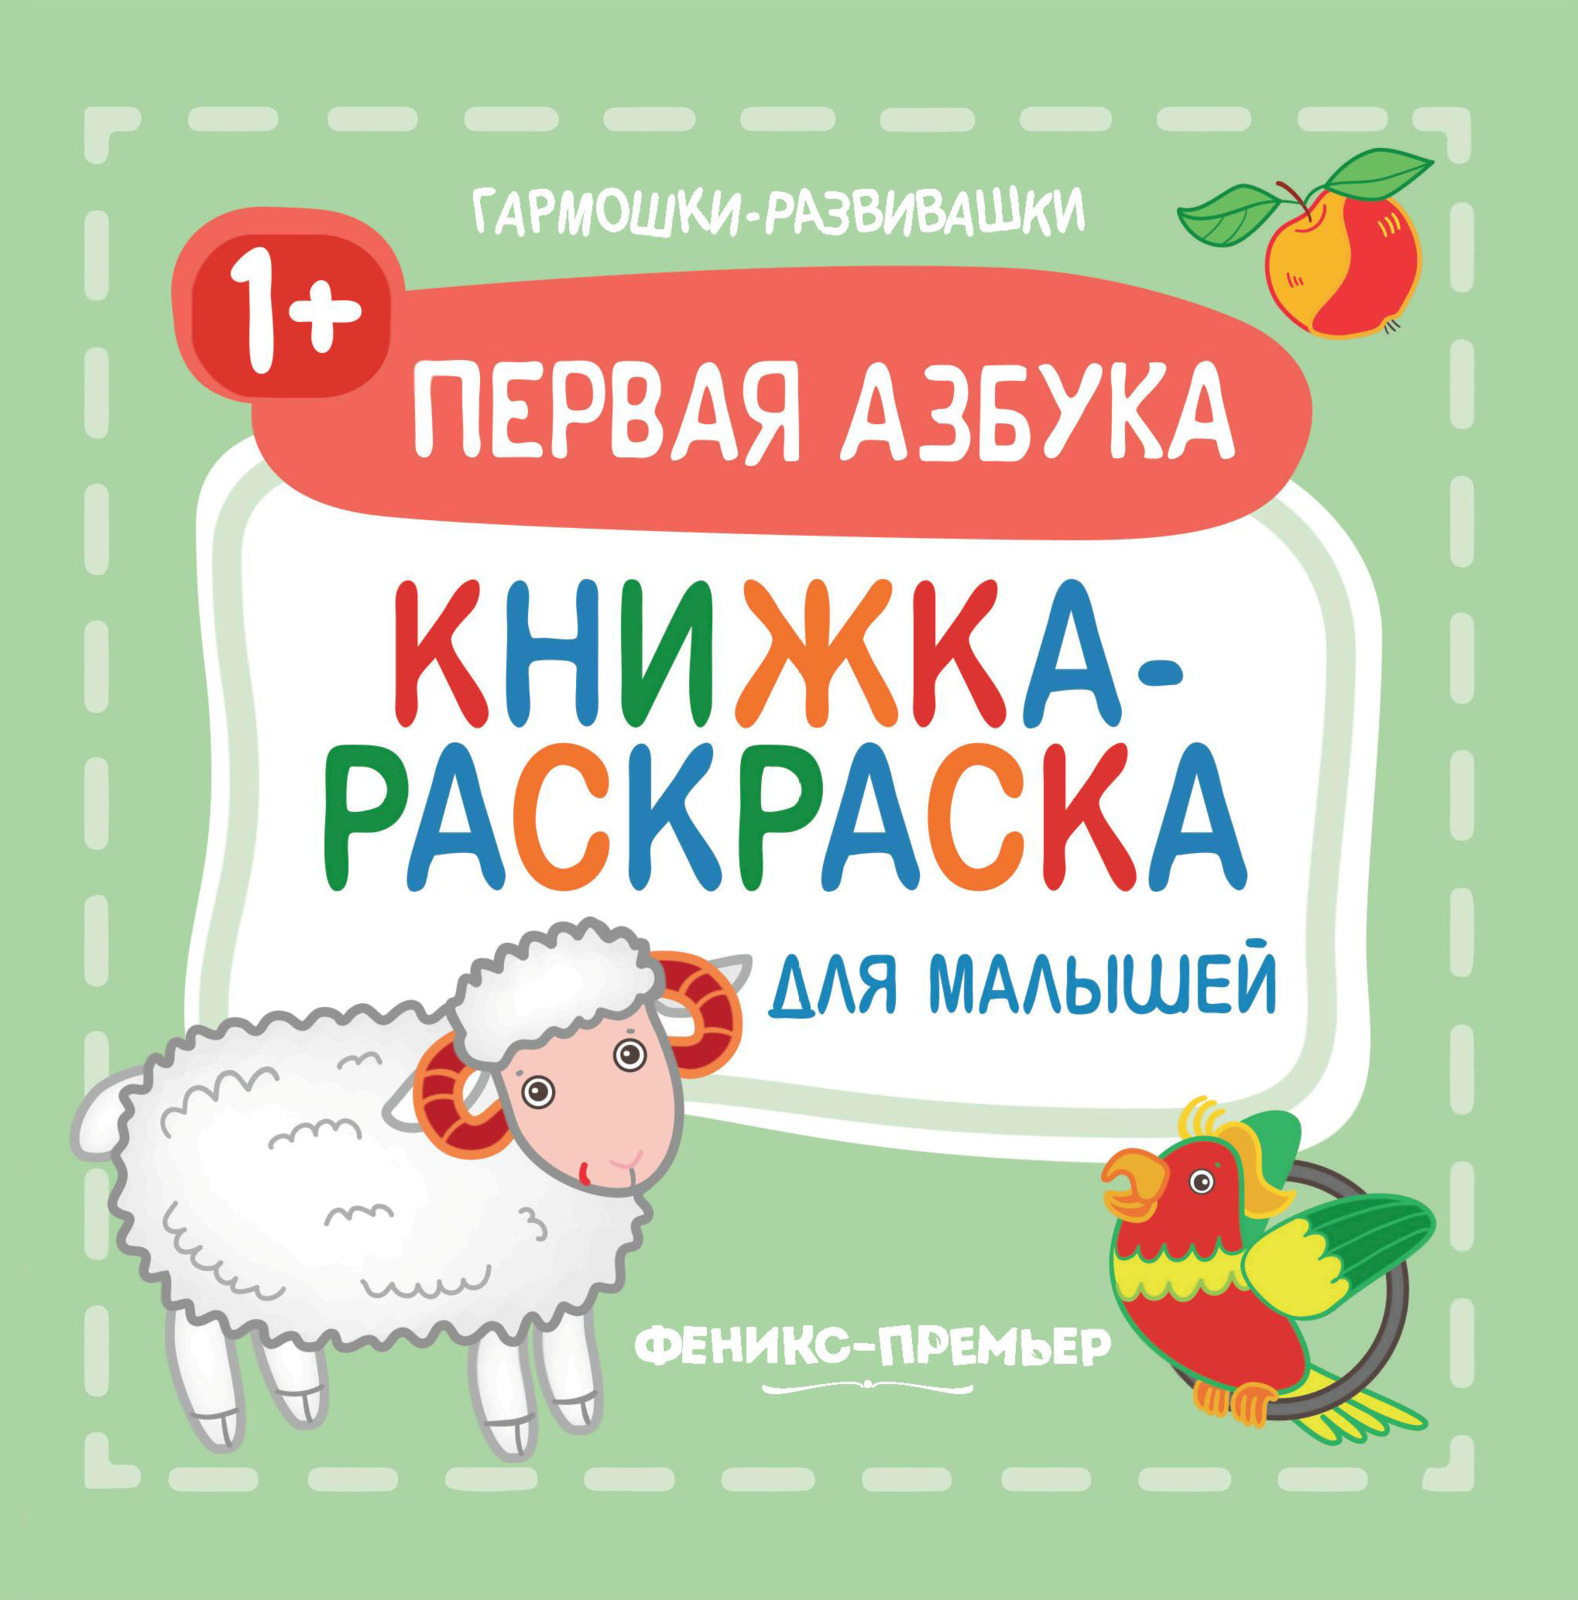 Первая азбука 1+. Книжка-раскраска для малышей